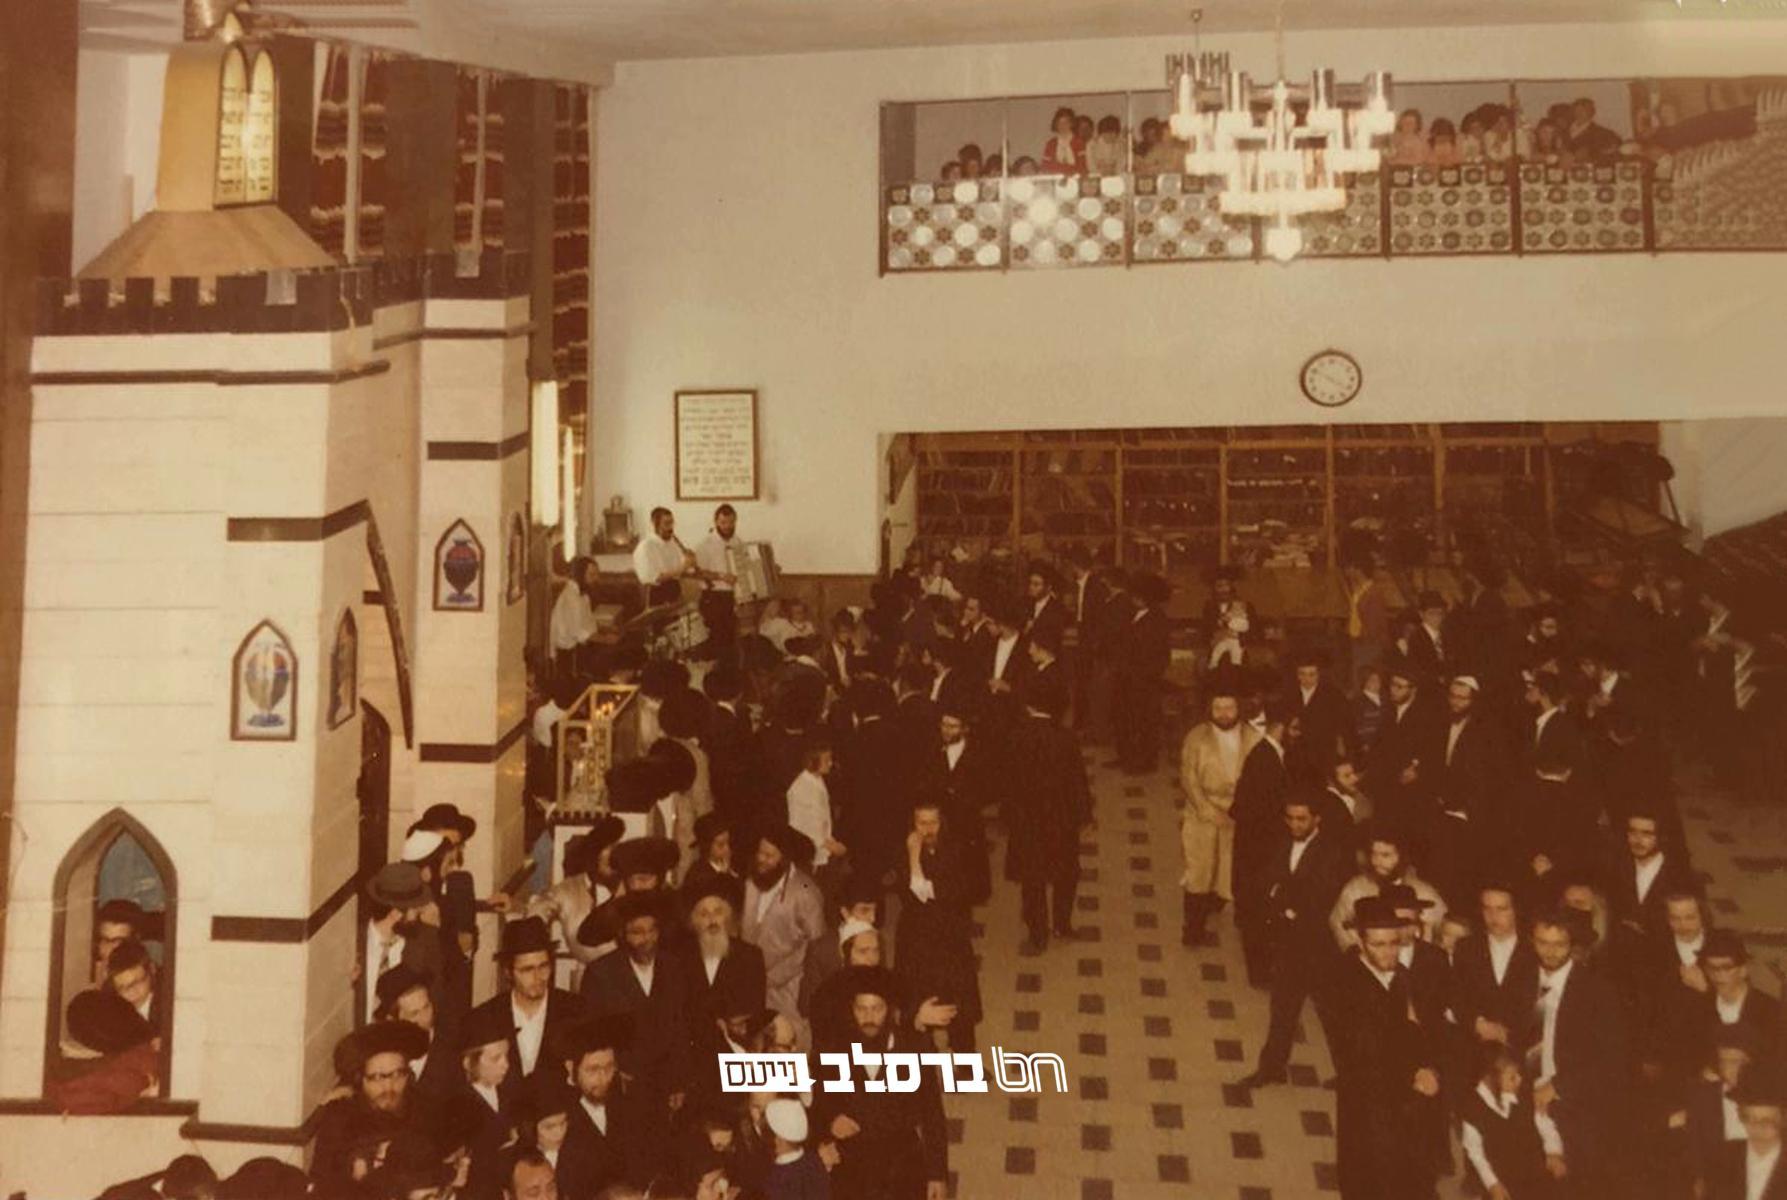 נוסטלגיה • גלרית תמונות מבית הכנסת הגדול דחסידי ברסלב (השול) בירושלים בשנים עברו • גלריה ב